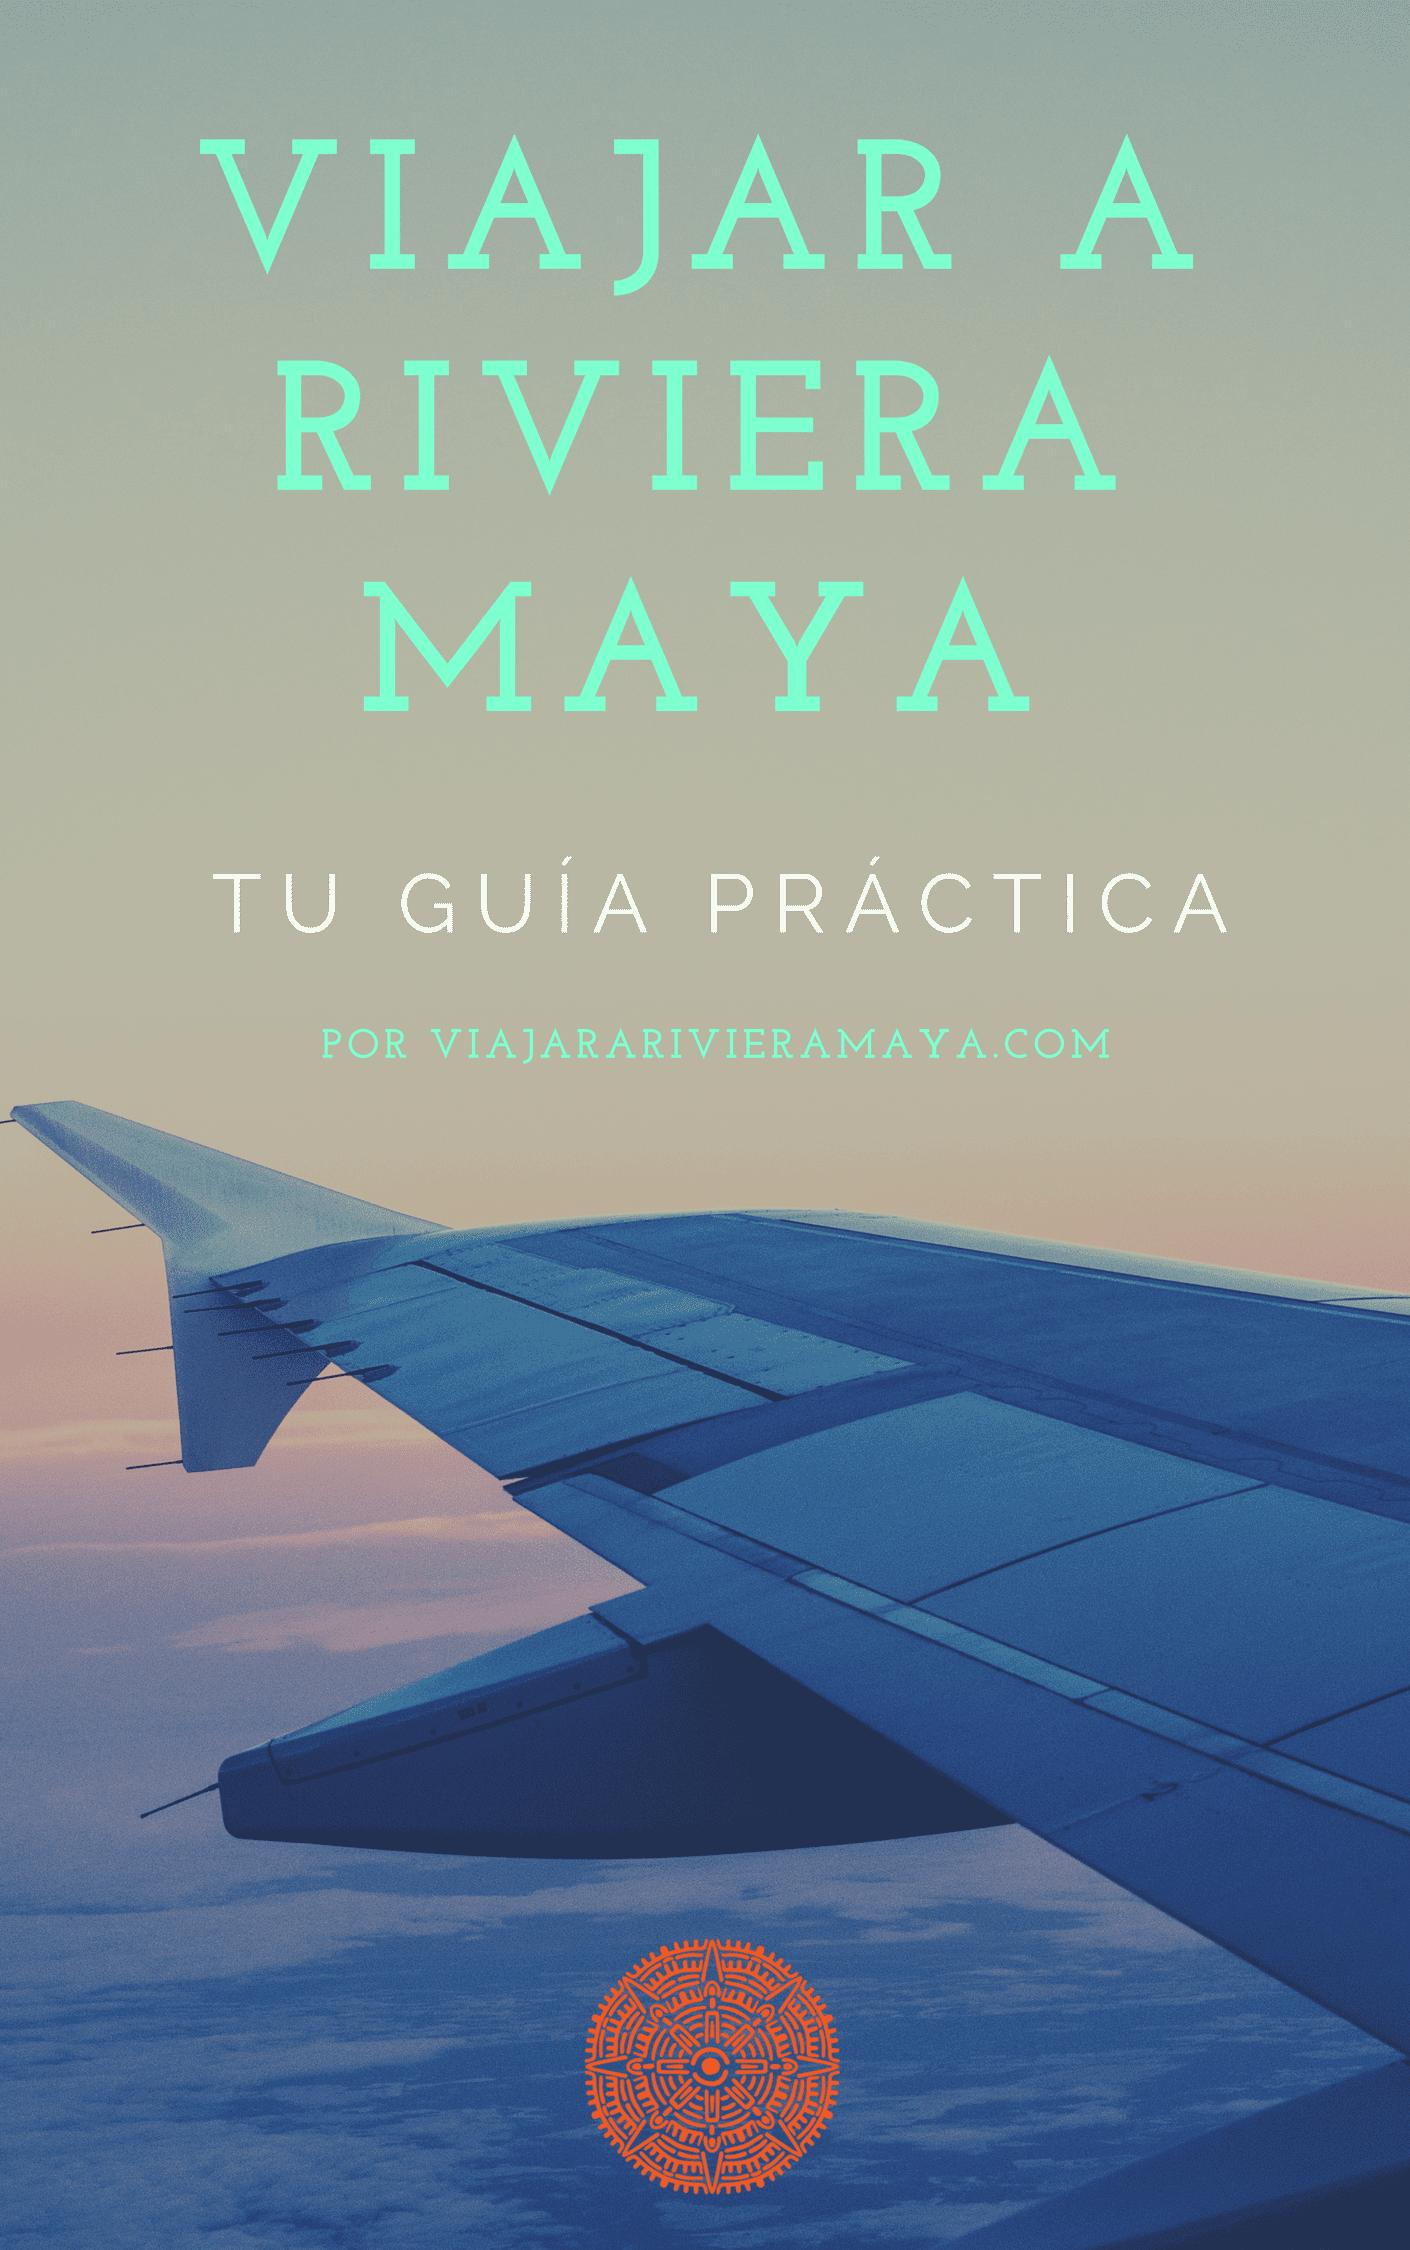 E-book Guía Práctica para Viajar a Riviera Maya